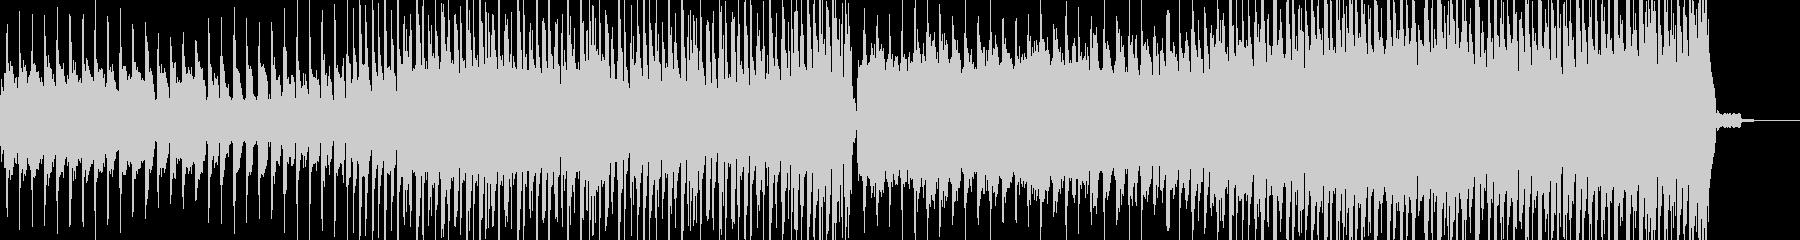 シンセリードとストリングスのエンディングの未再生の波形